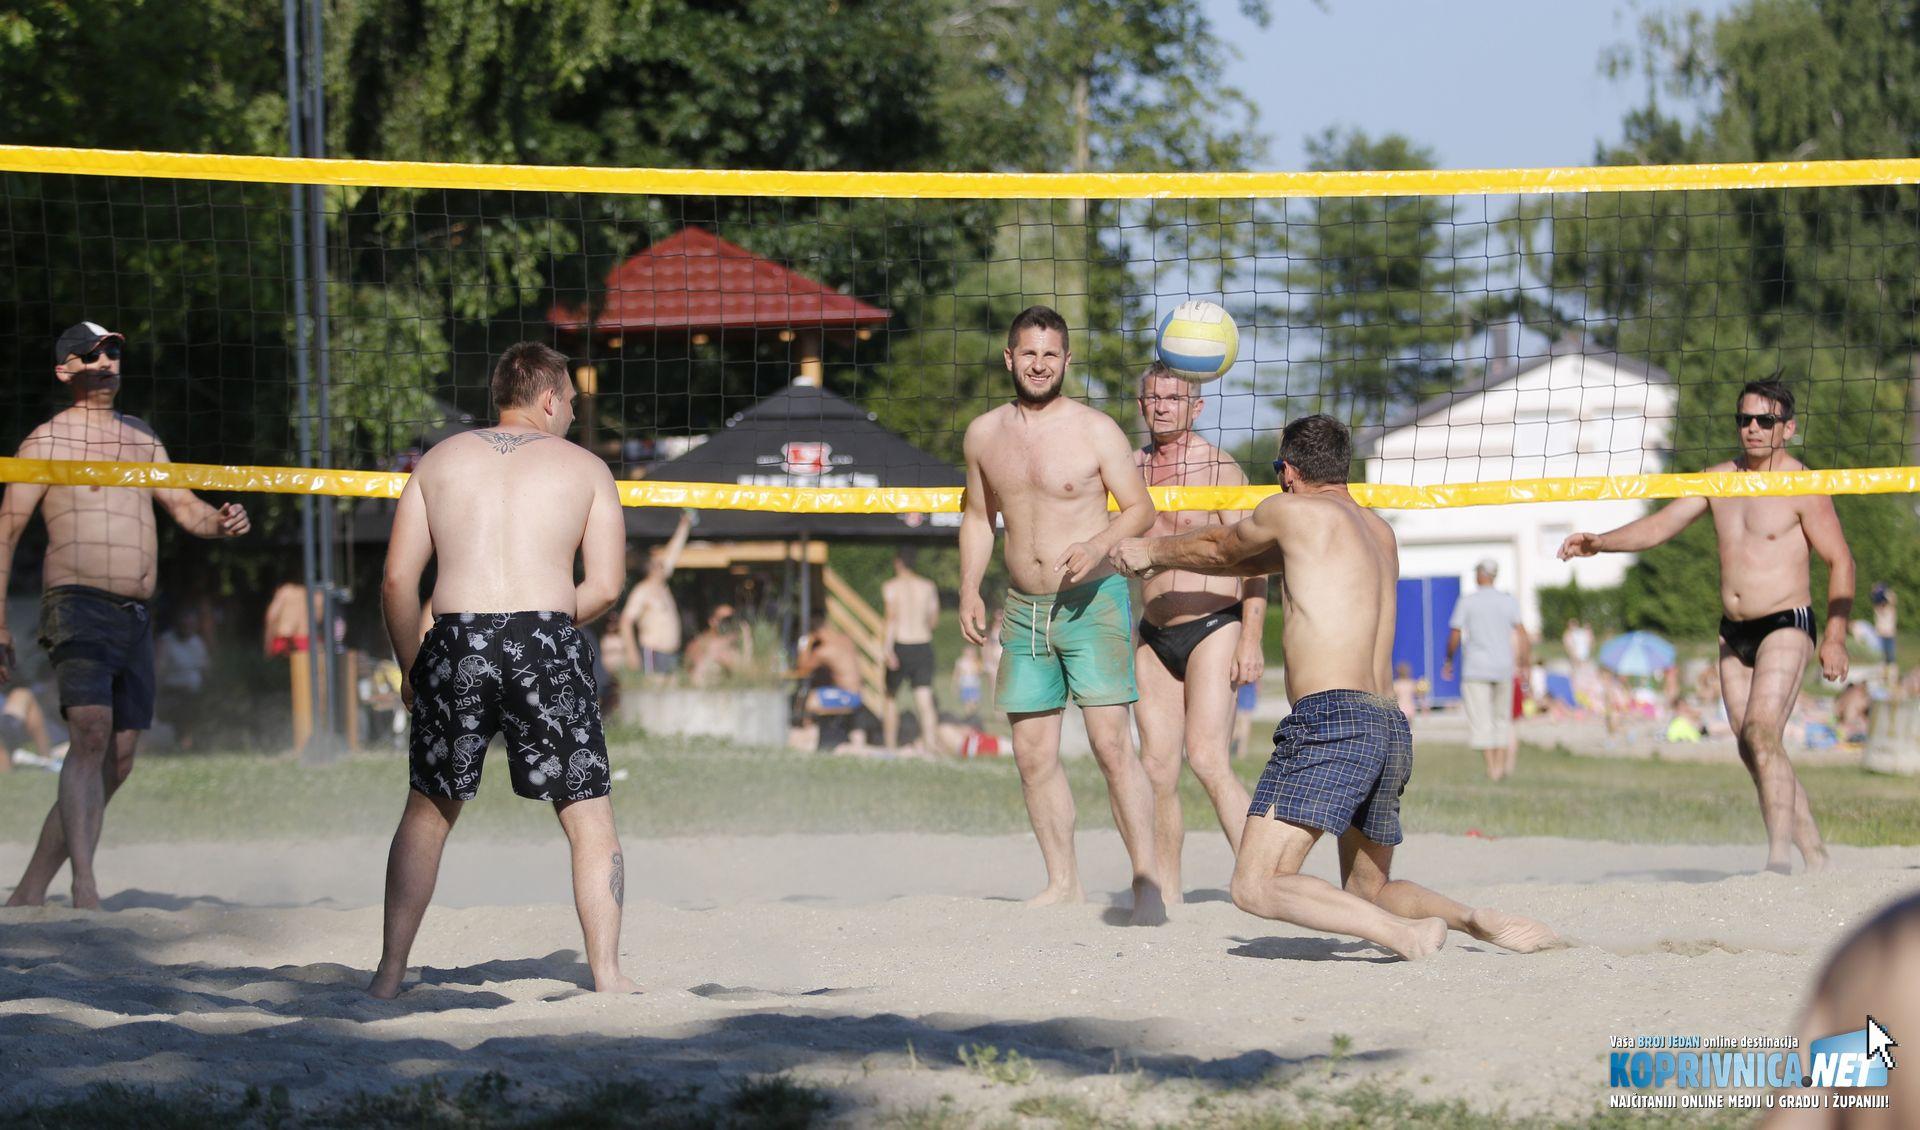 Osim kupanja, odlična zabava je bila i odbojka na pijesku // foto: Mario Kos